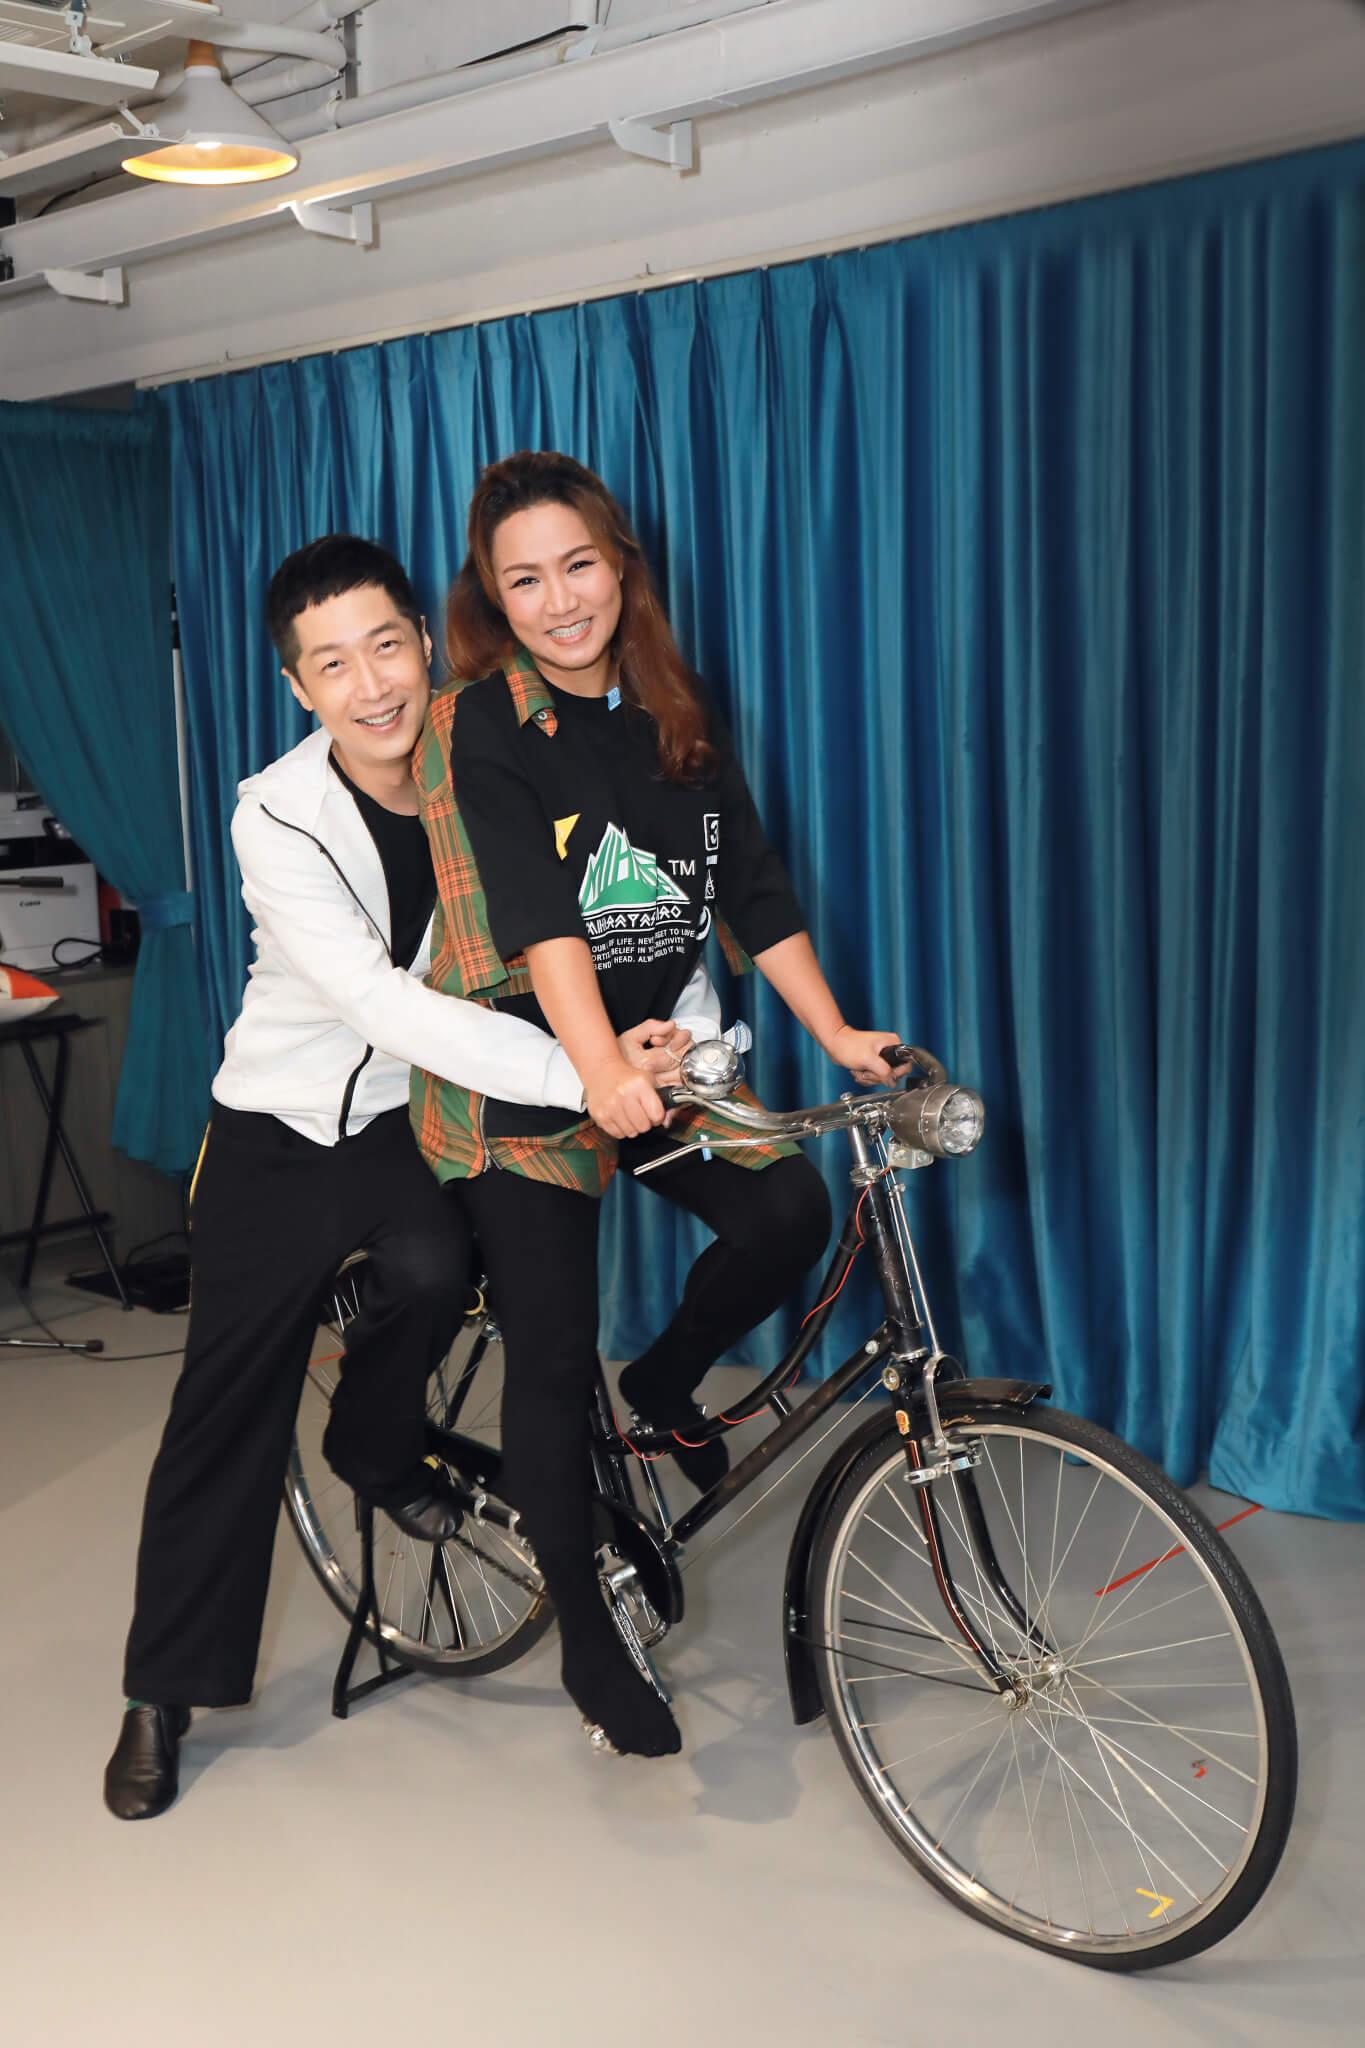 小恩子和馬仔會踩單車重演《甜蜜蜜》的一幕